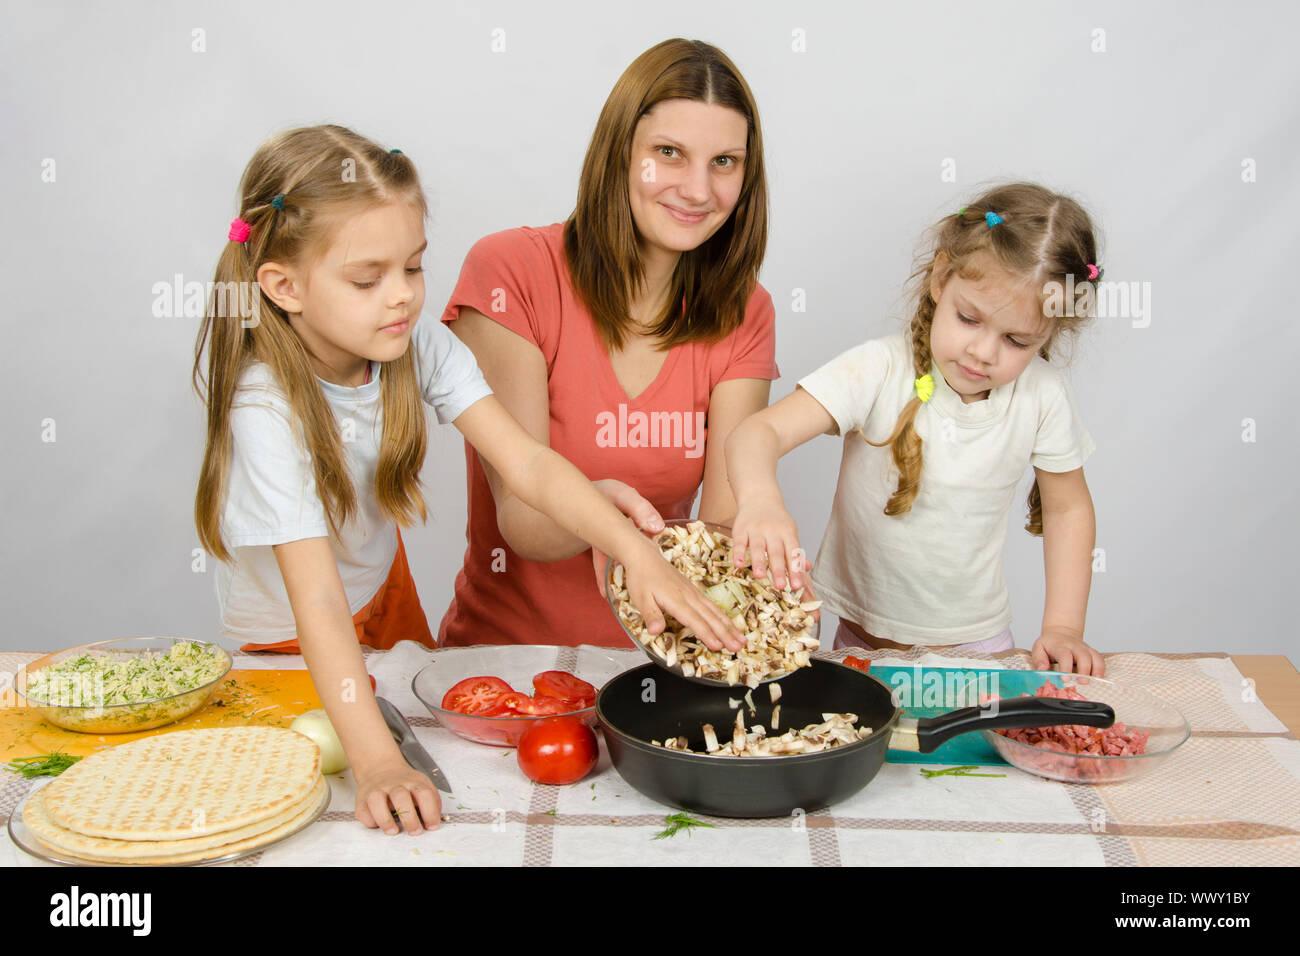 Zwei kleine Mädchen auf dem Küchentisch mit einem Eifer zu helfen, ihre Mutter die Pilze aus der Platte in die Pfanne gießen Stockfoto